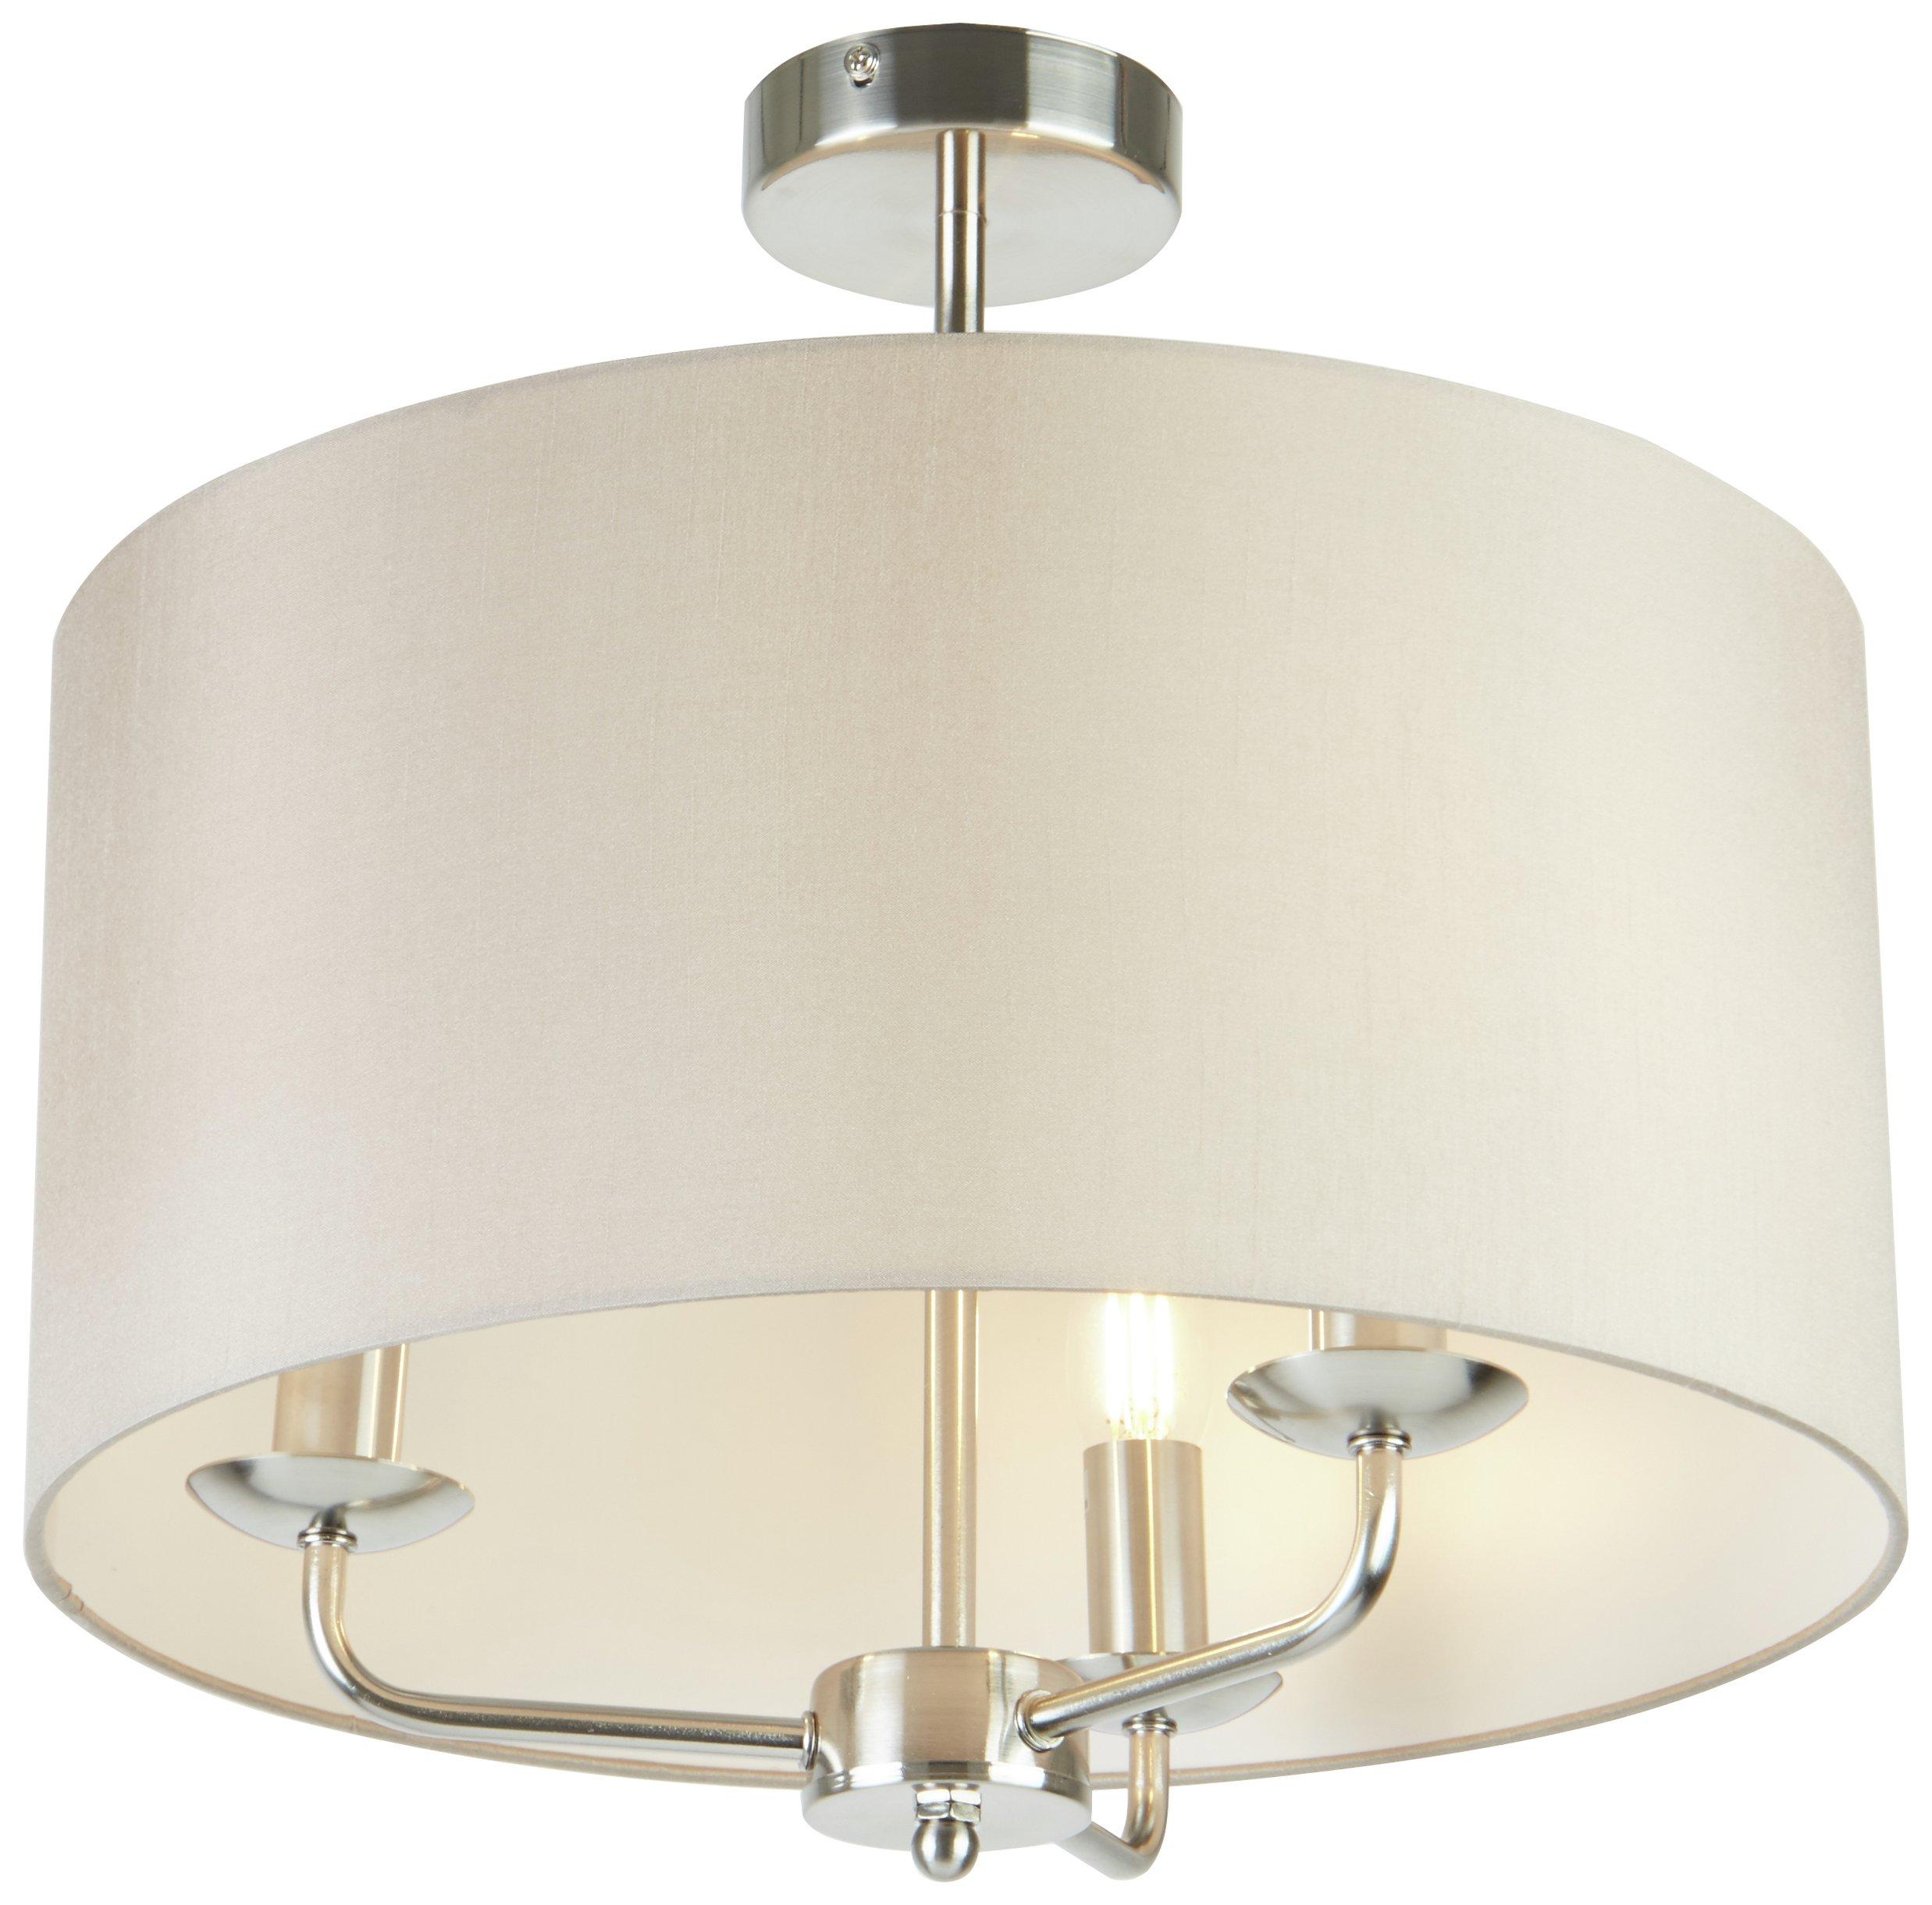 Led Light Fittings Argos: Argos Home Grace 3 Light Ceiling Fitting